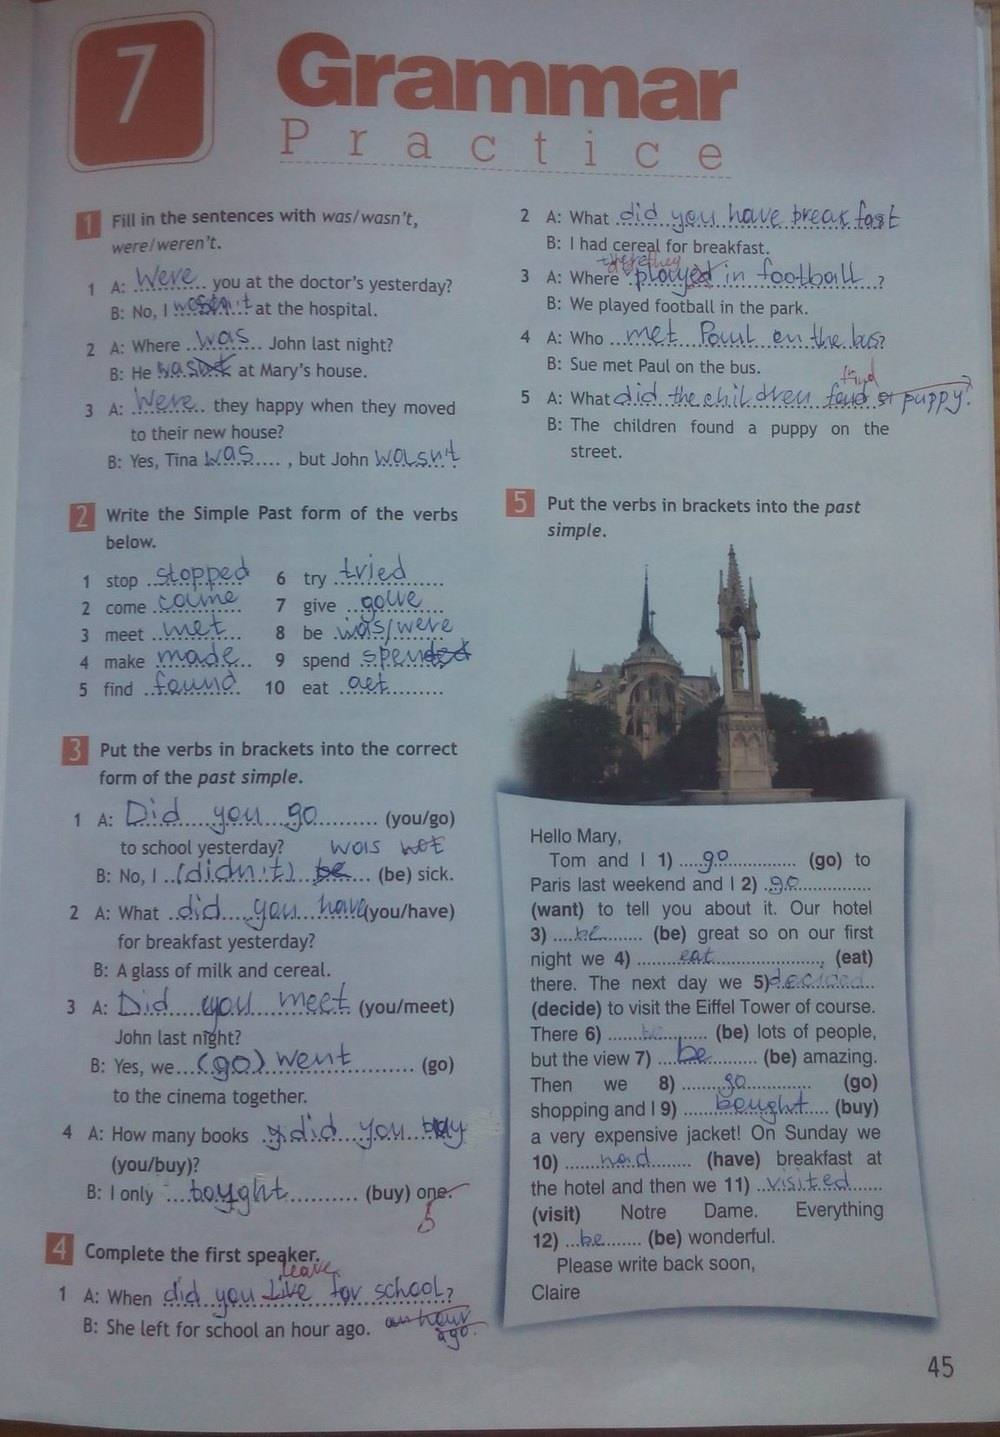 англиский язык гдз рабочая тетрадь 6 класс